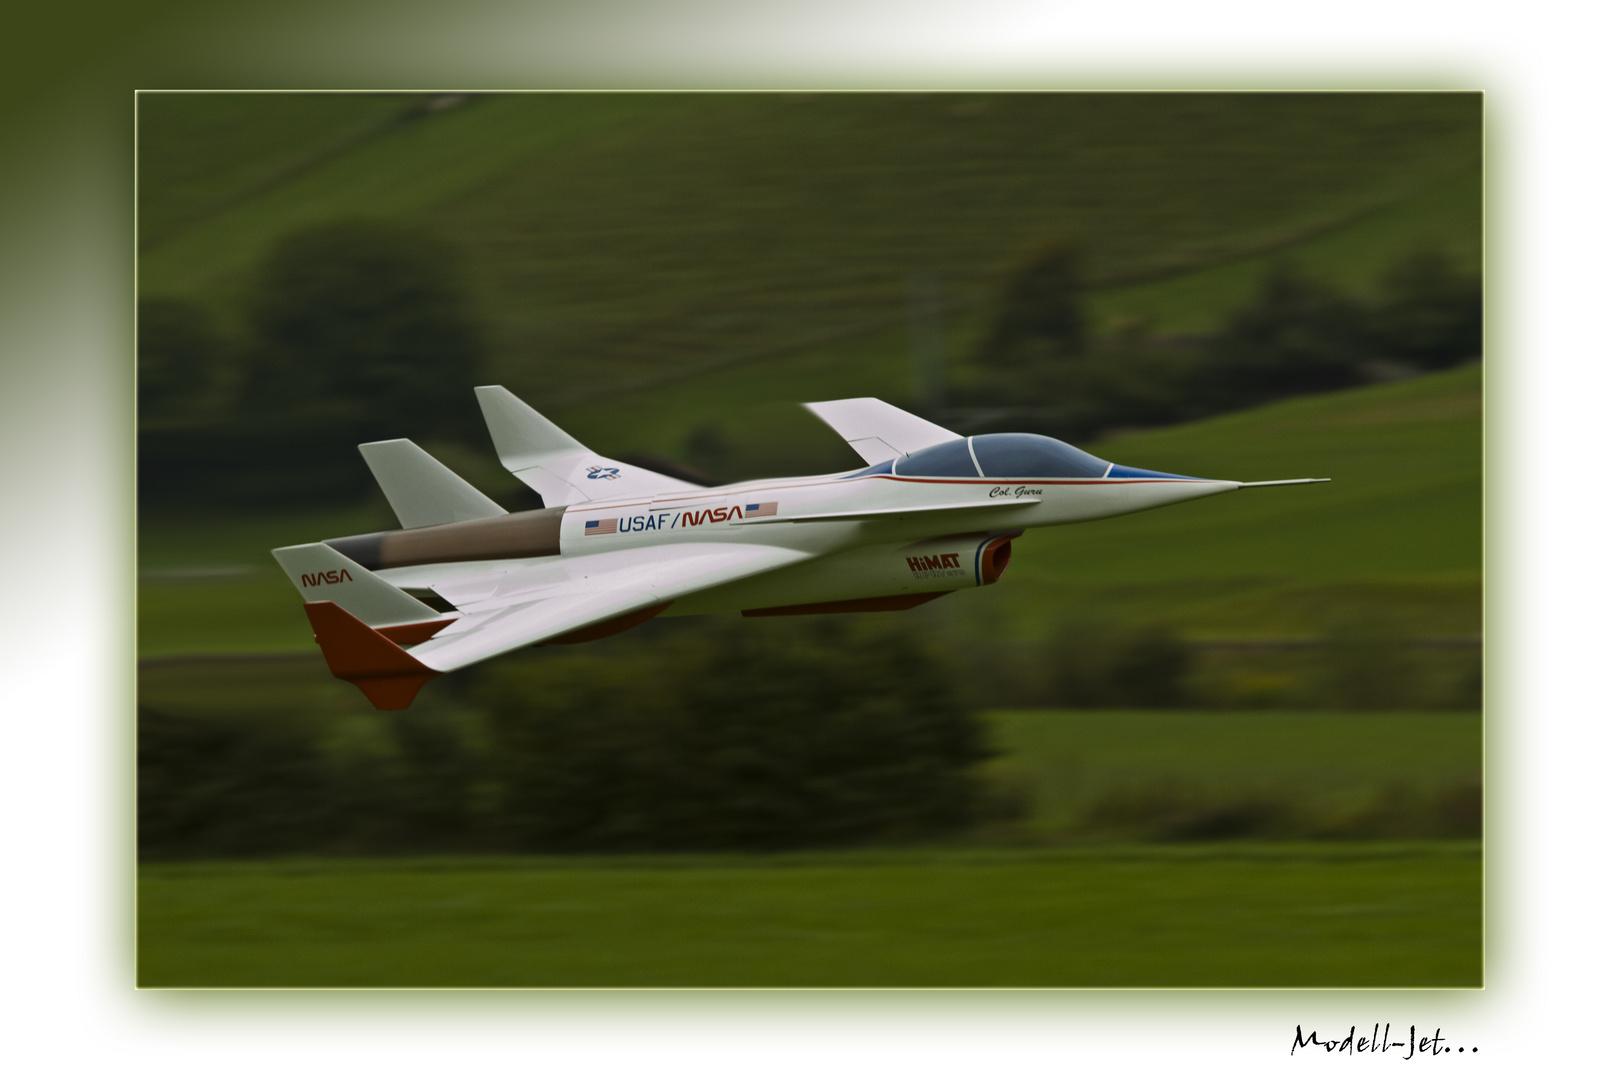 Modell-Jet...